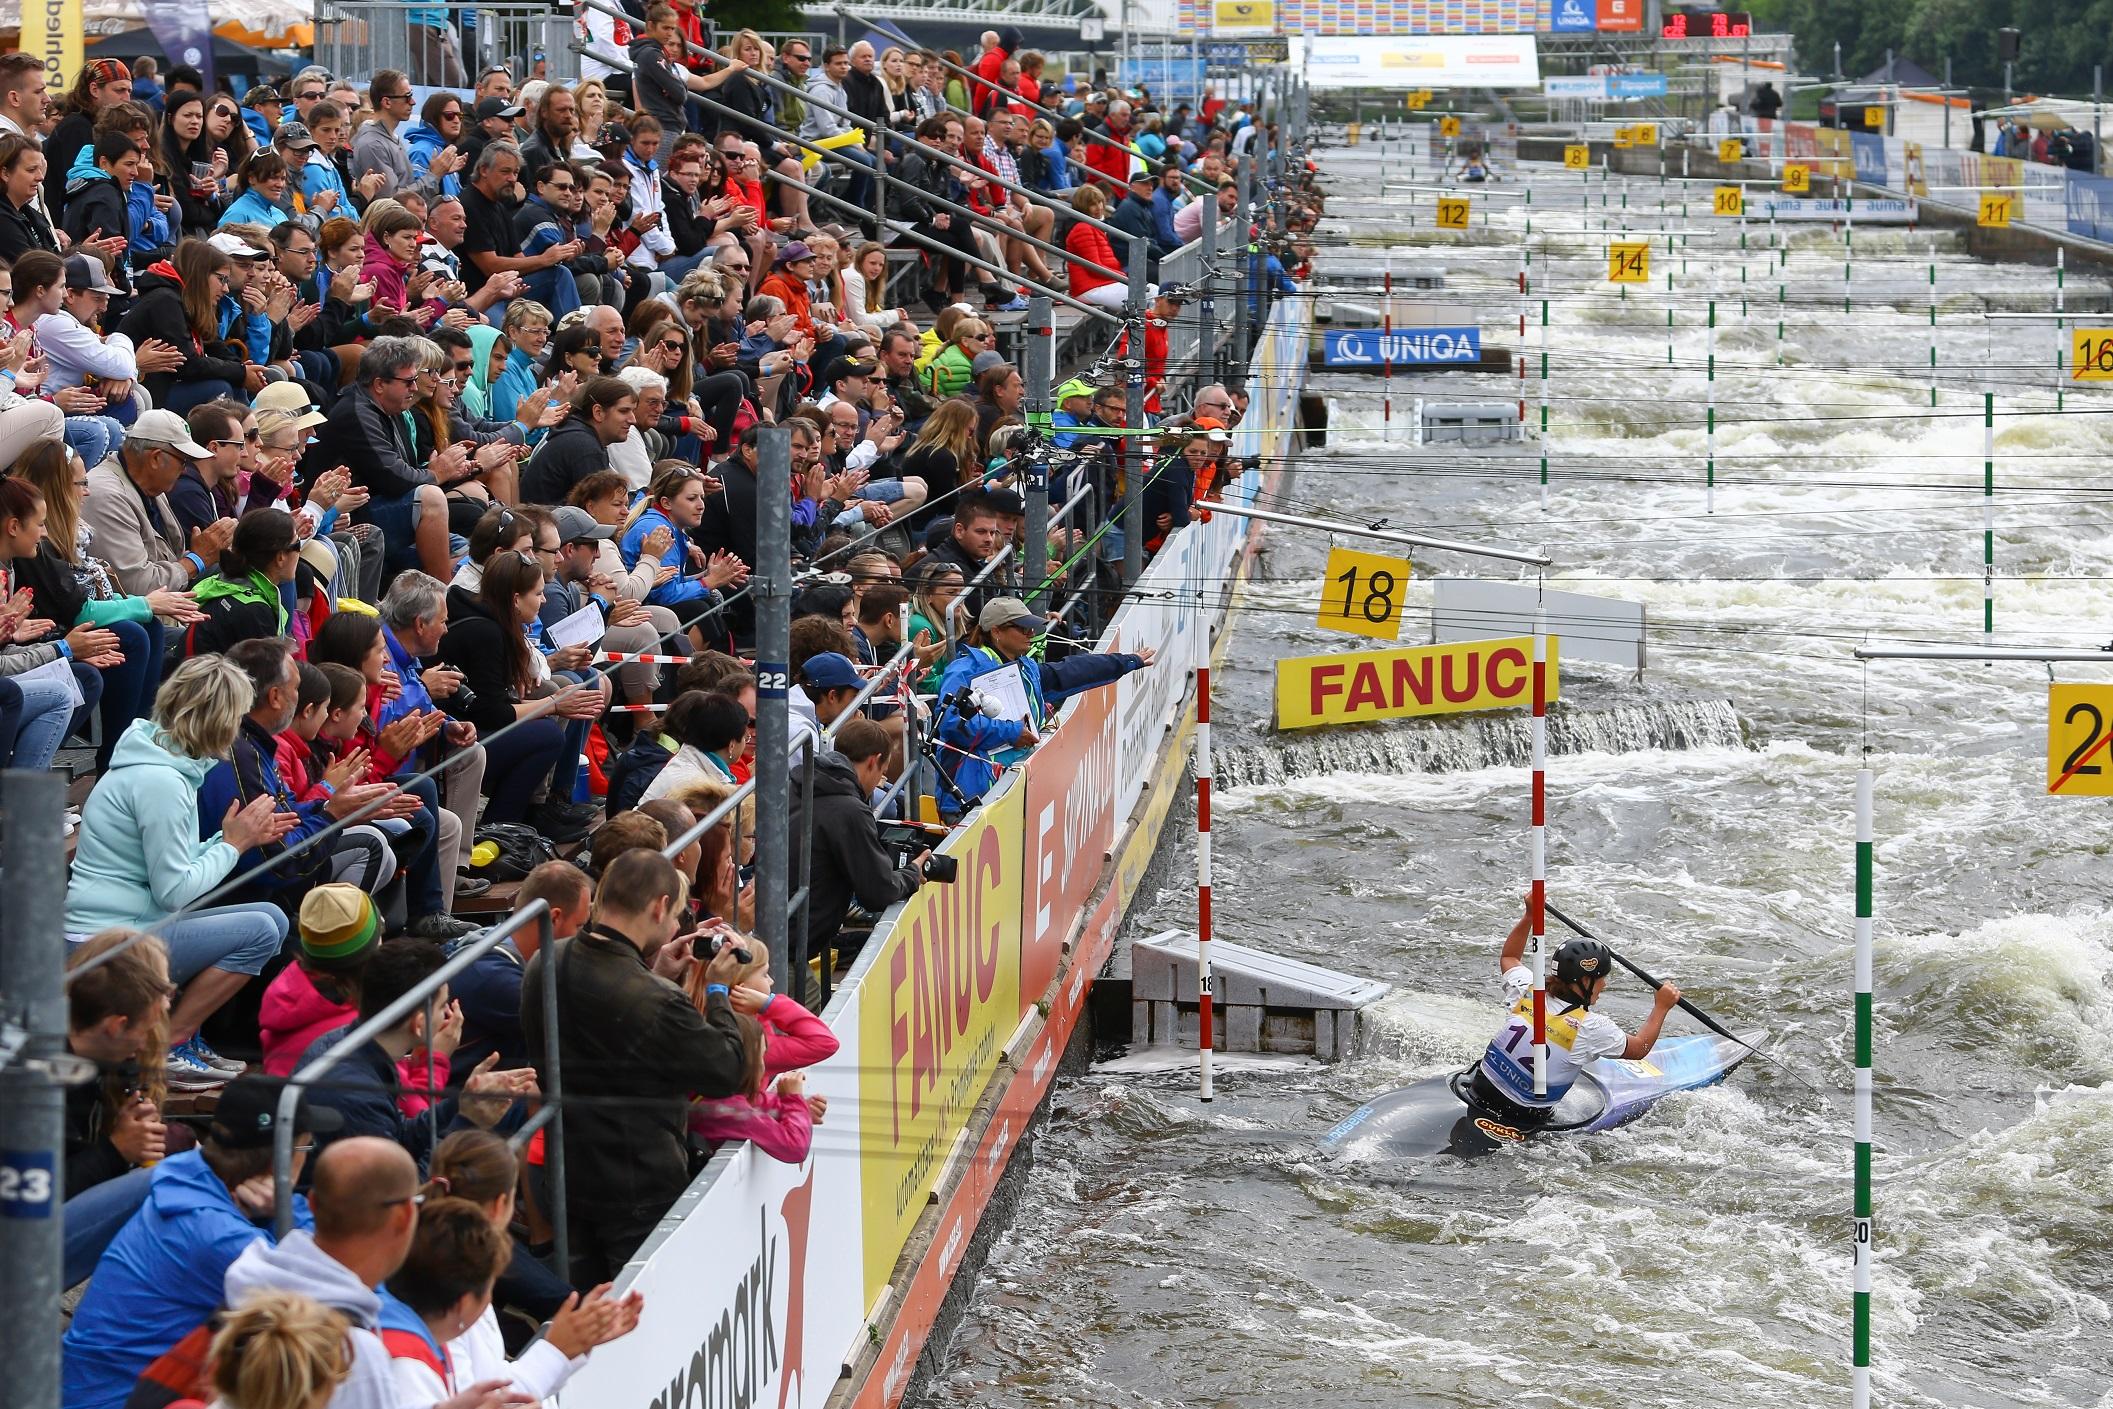 Právě dnes, v pondělí 22. 7. v 10:00 hodin byl zahájen předprodej vstupenek na finále Světového poháru a mistrovství světa v extrémním slalomu 2019 v síti Ticketportal